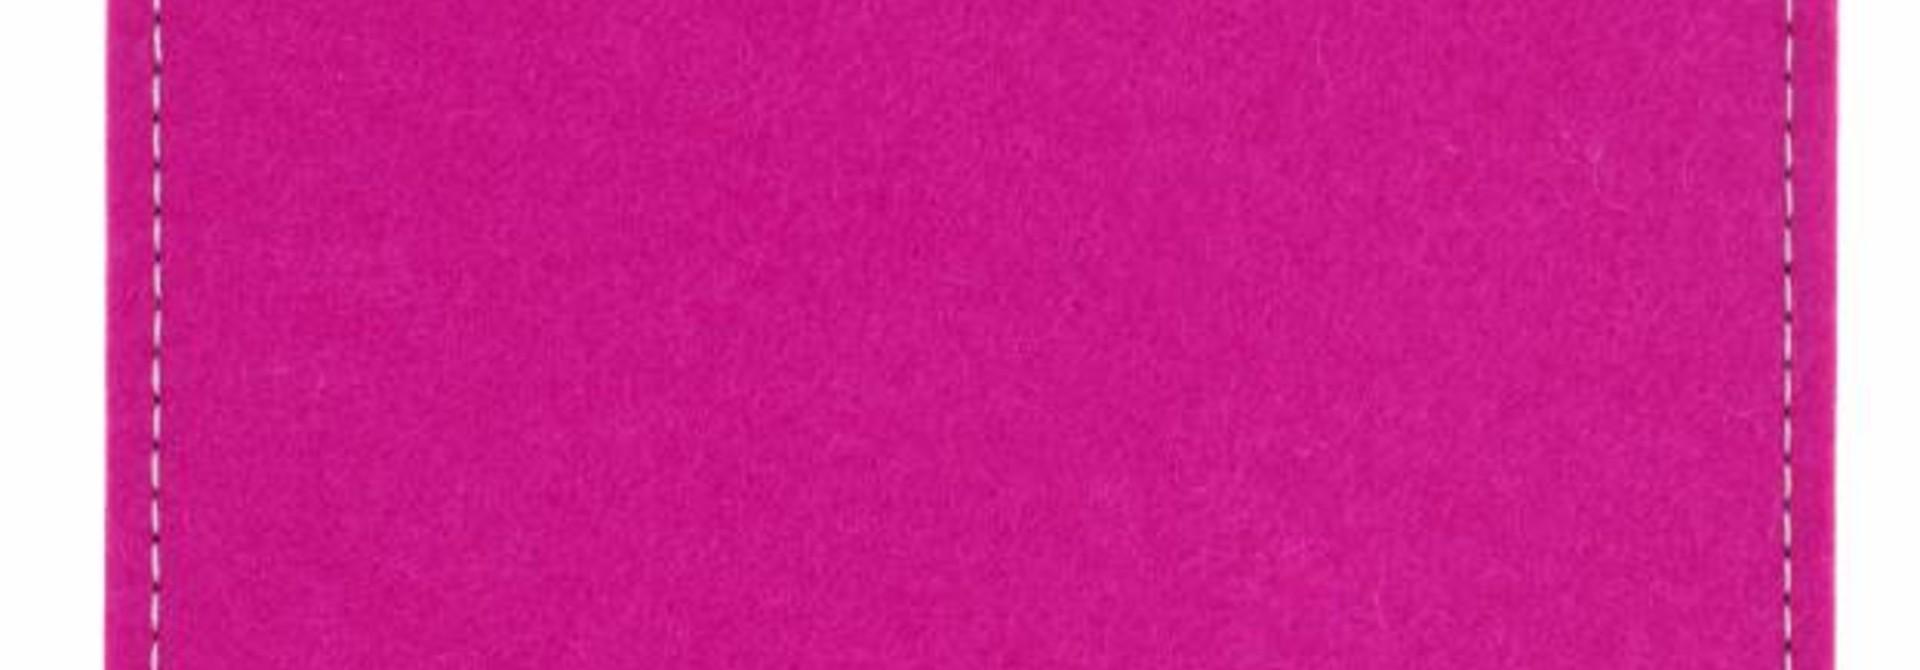 Kindle Fire Sleeve Pink